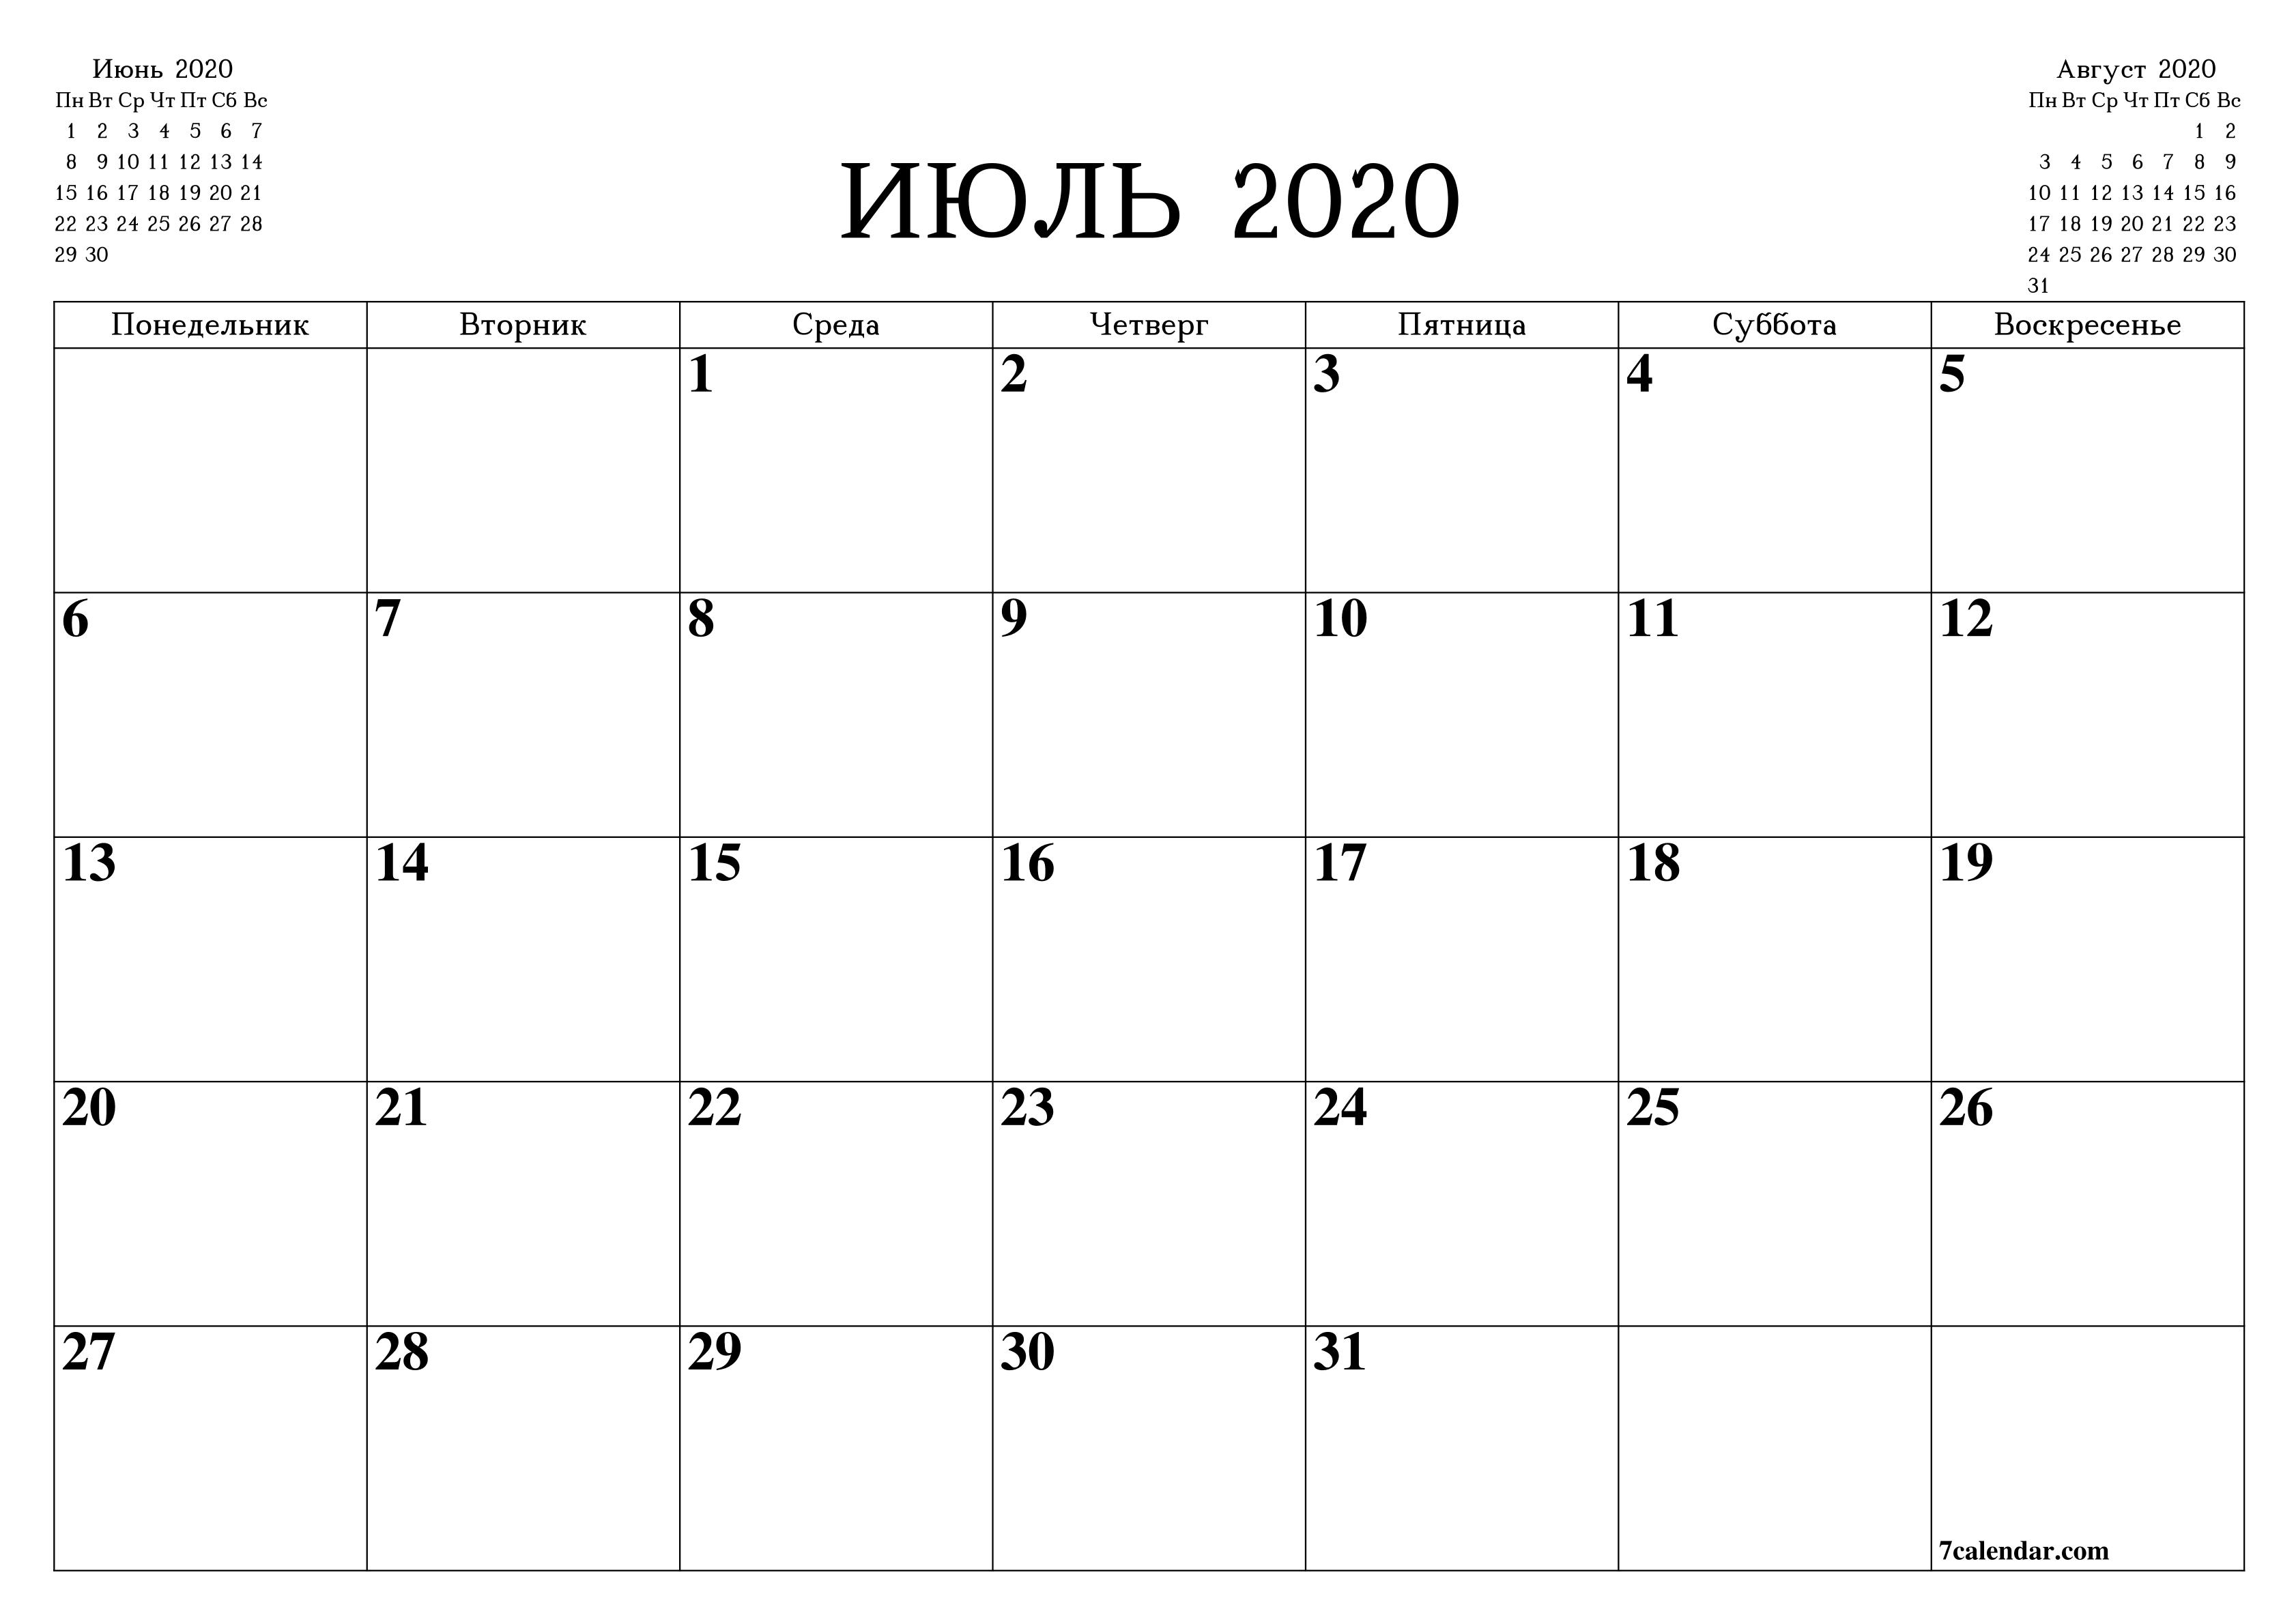 Распечатать Календарь, Планер, Планинг Для Записей На Июль intended for Бланк Календаря На Год